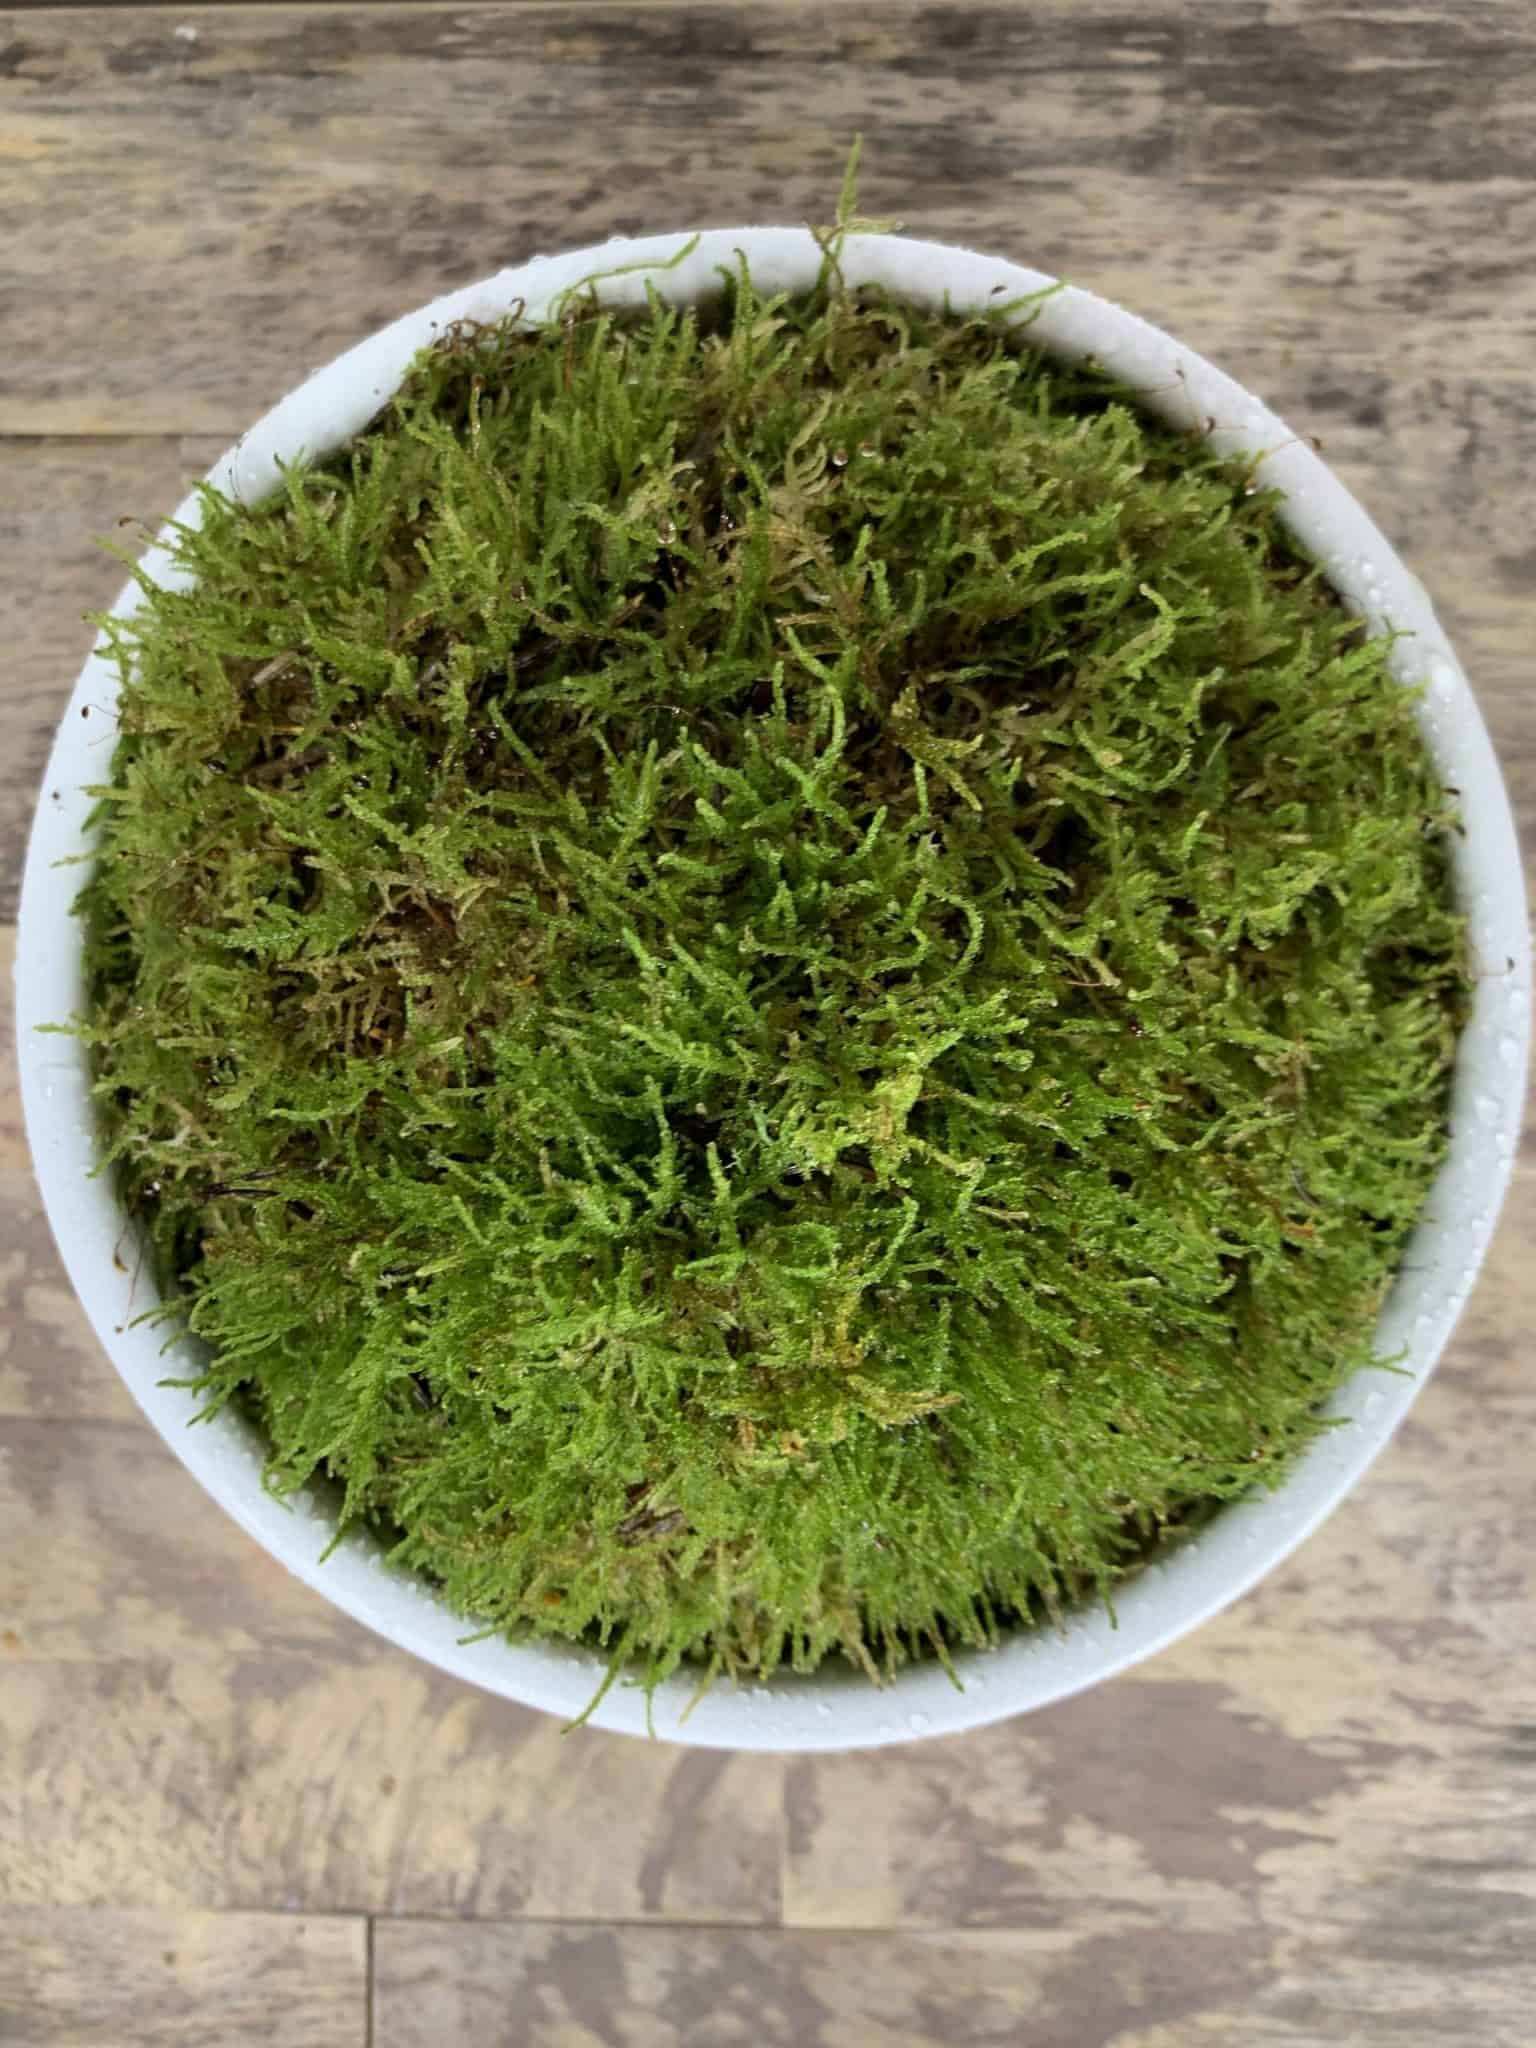 Fresh Live Sheet Carpet Moss